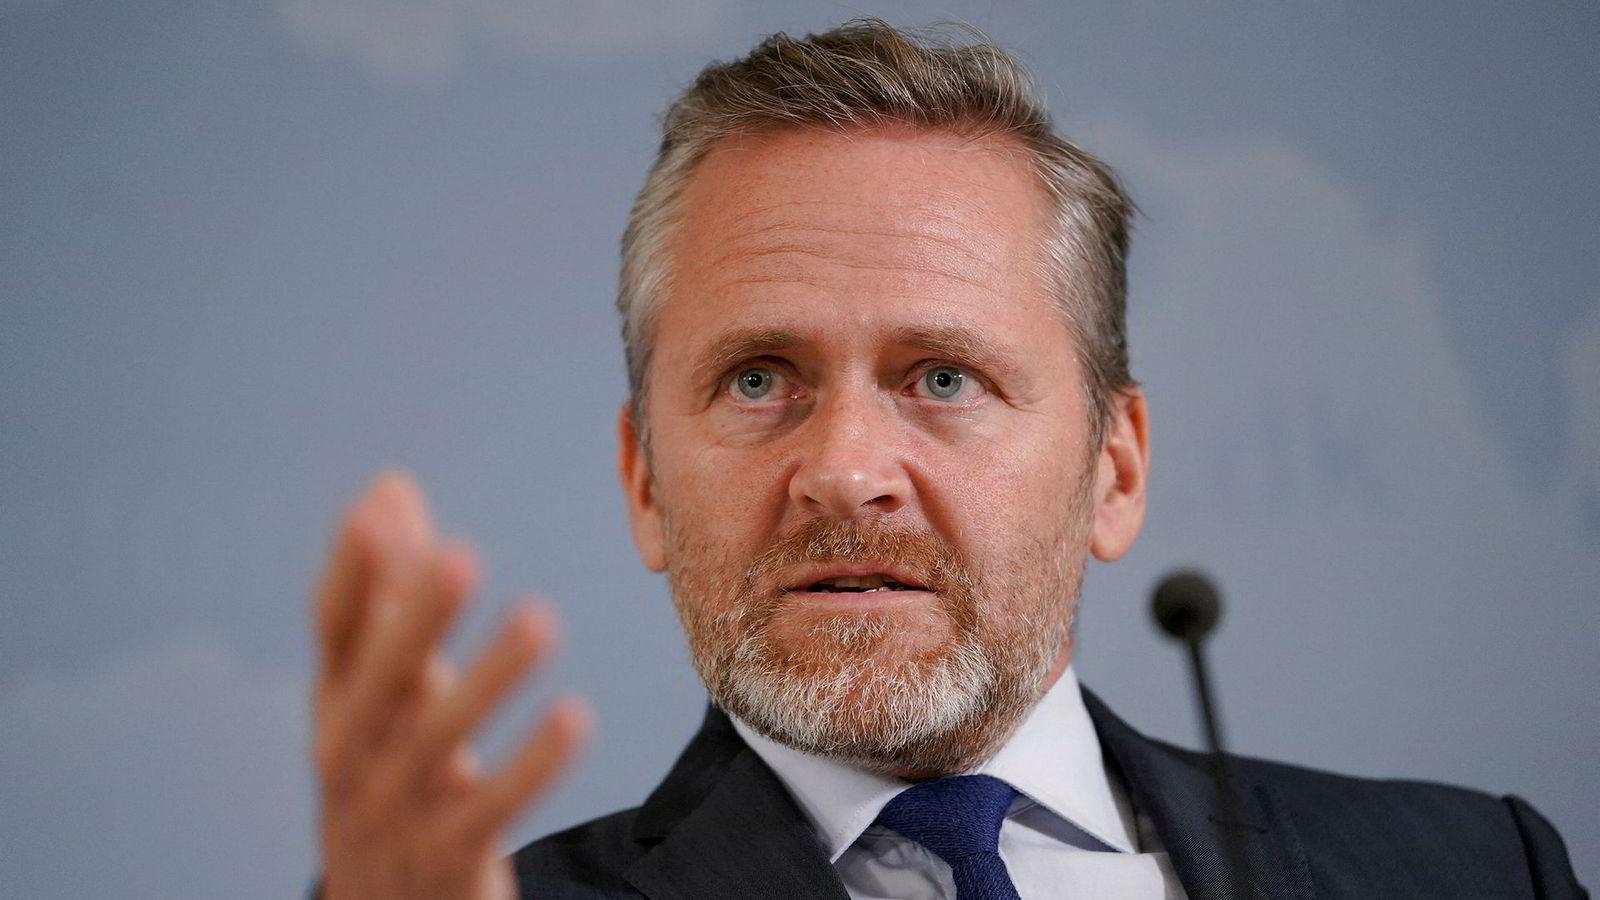 Ifølge Danmarks utenriksminister Anders Samuelsen har EUs ministerråd har vedtatt sanksjoner mot Iran.